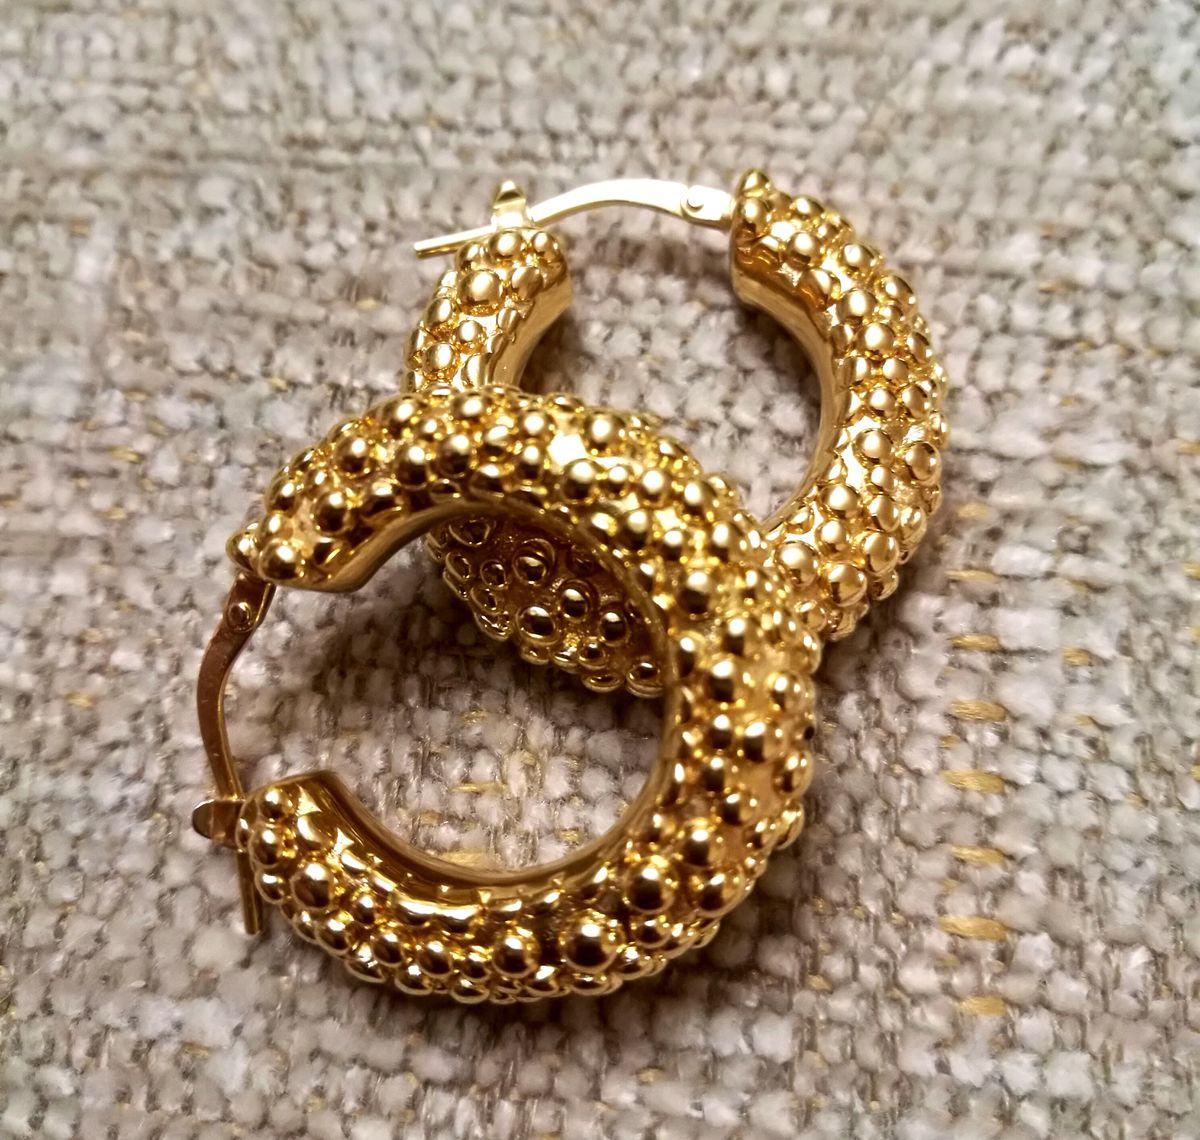 Серьги из миллионного золота. Смотрятся ярко и шикарно.